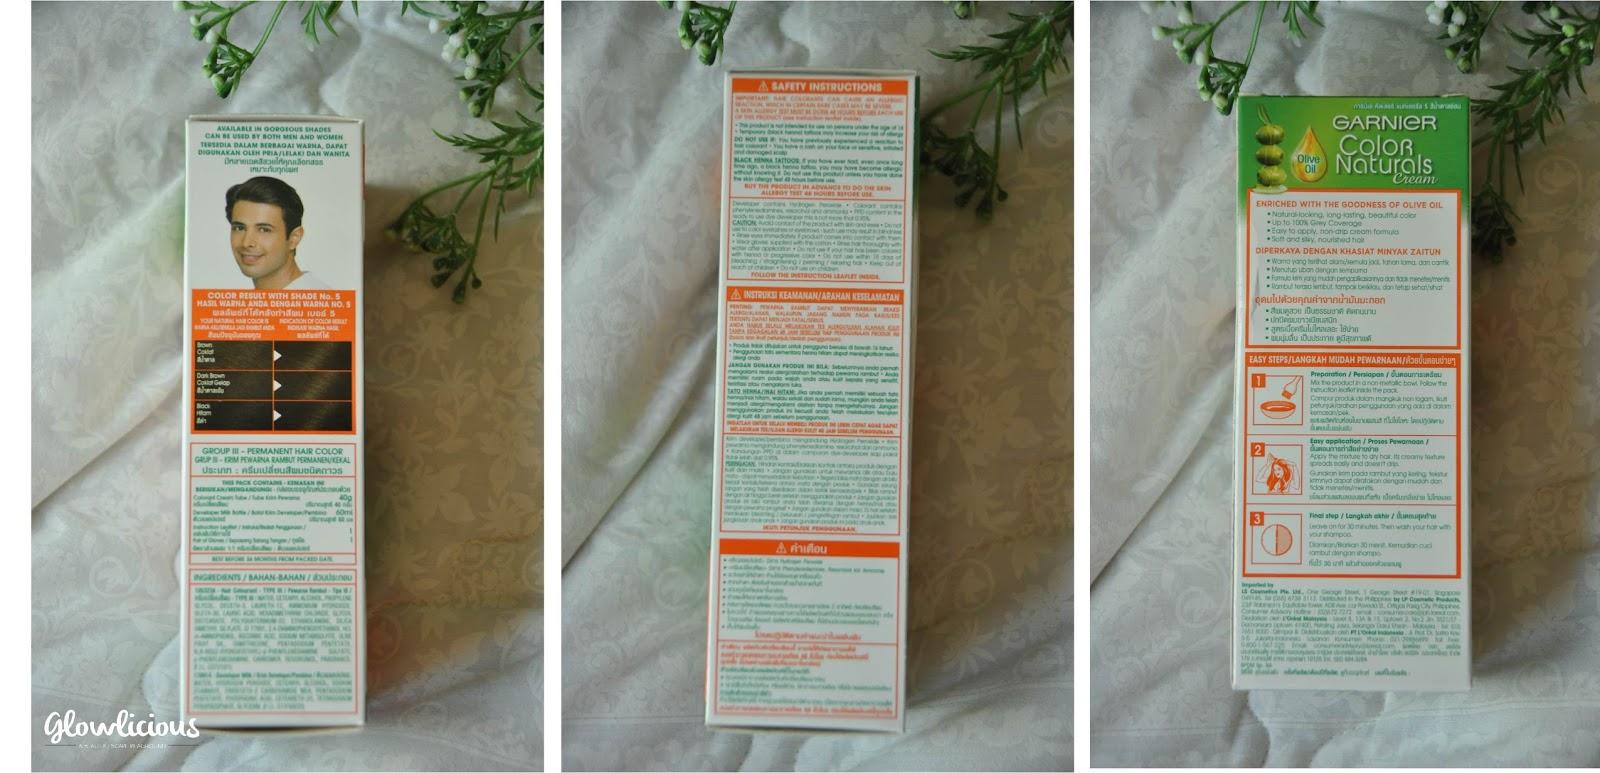 garnier color naturals instructions leaflet